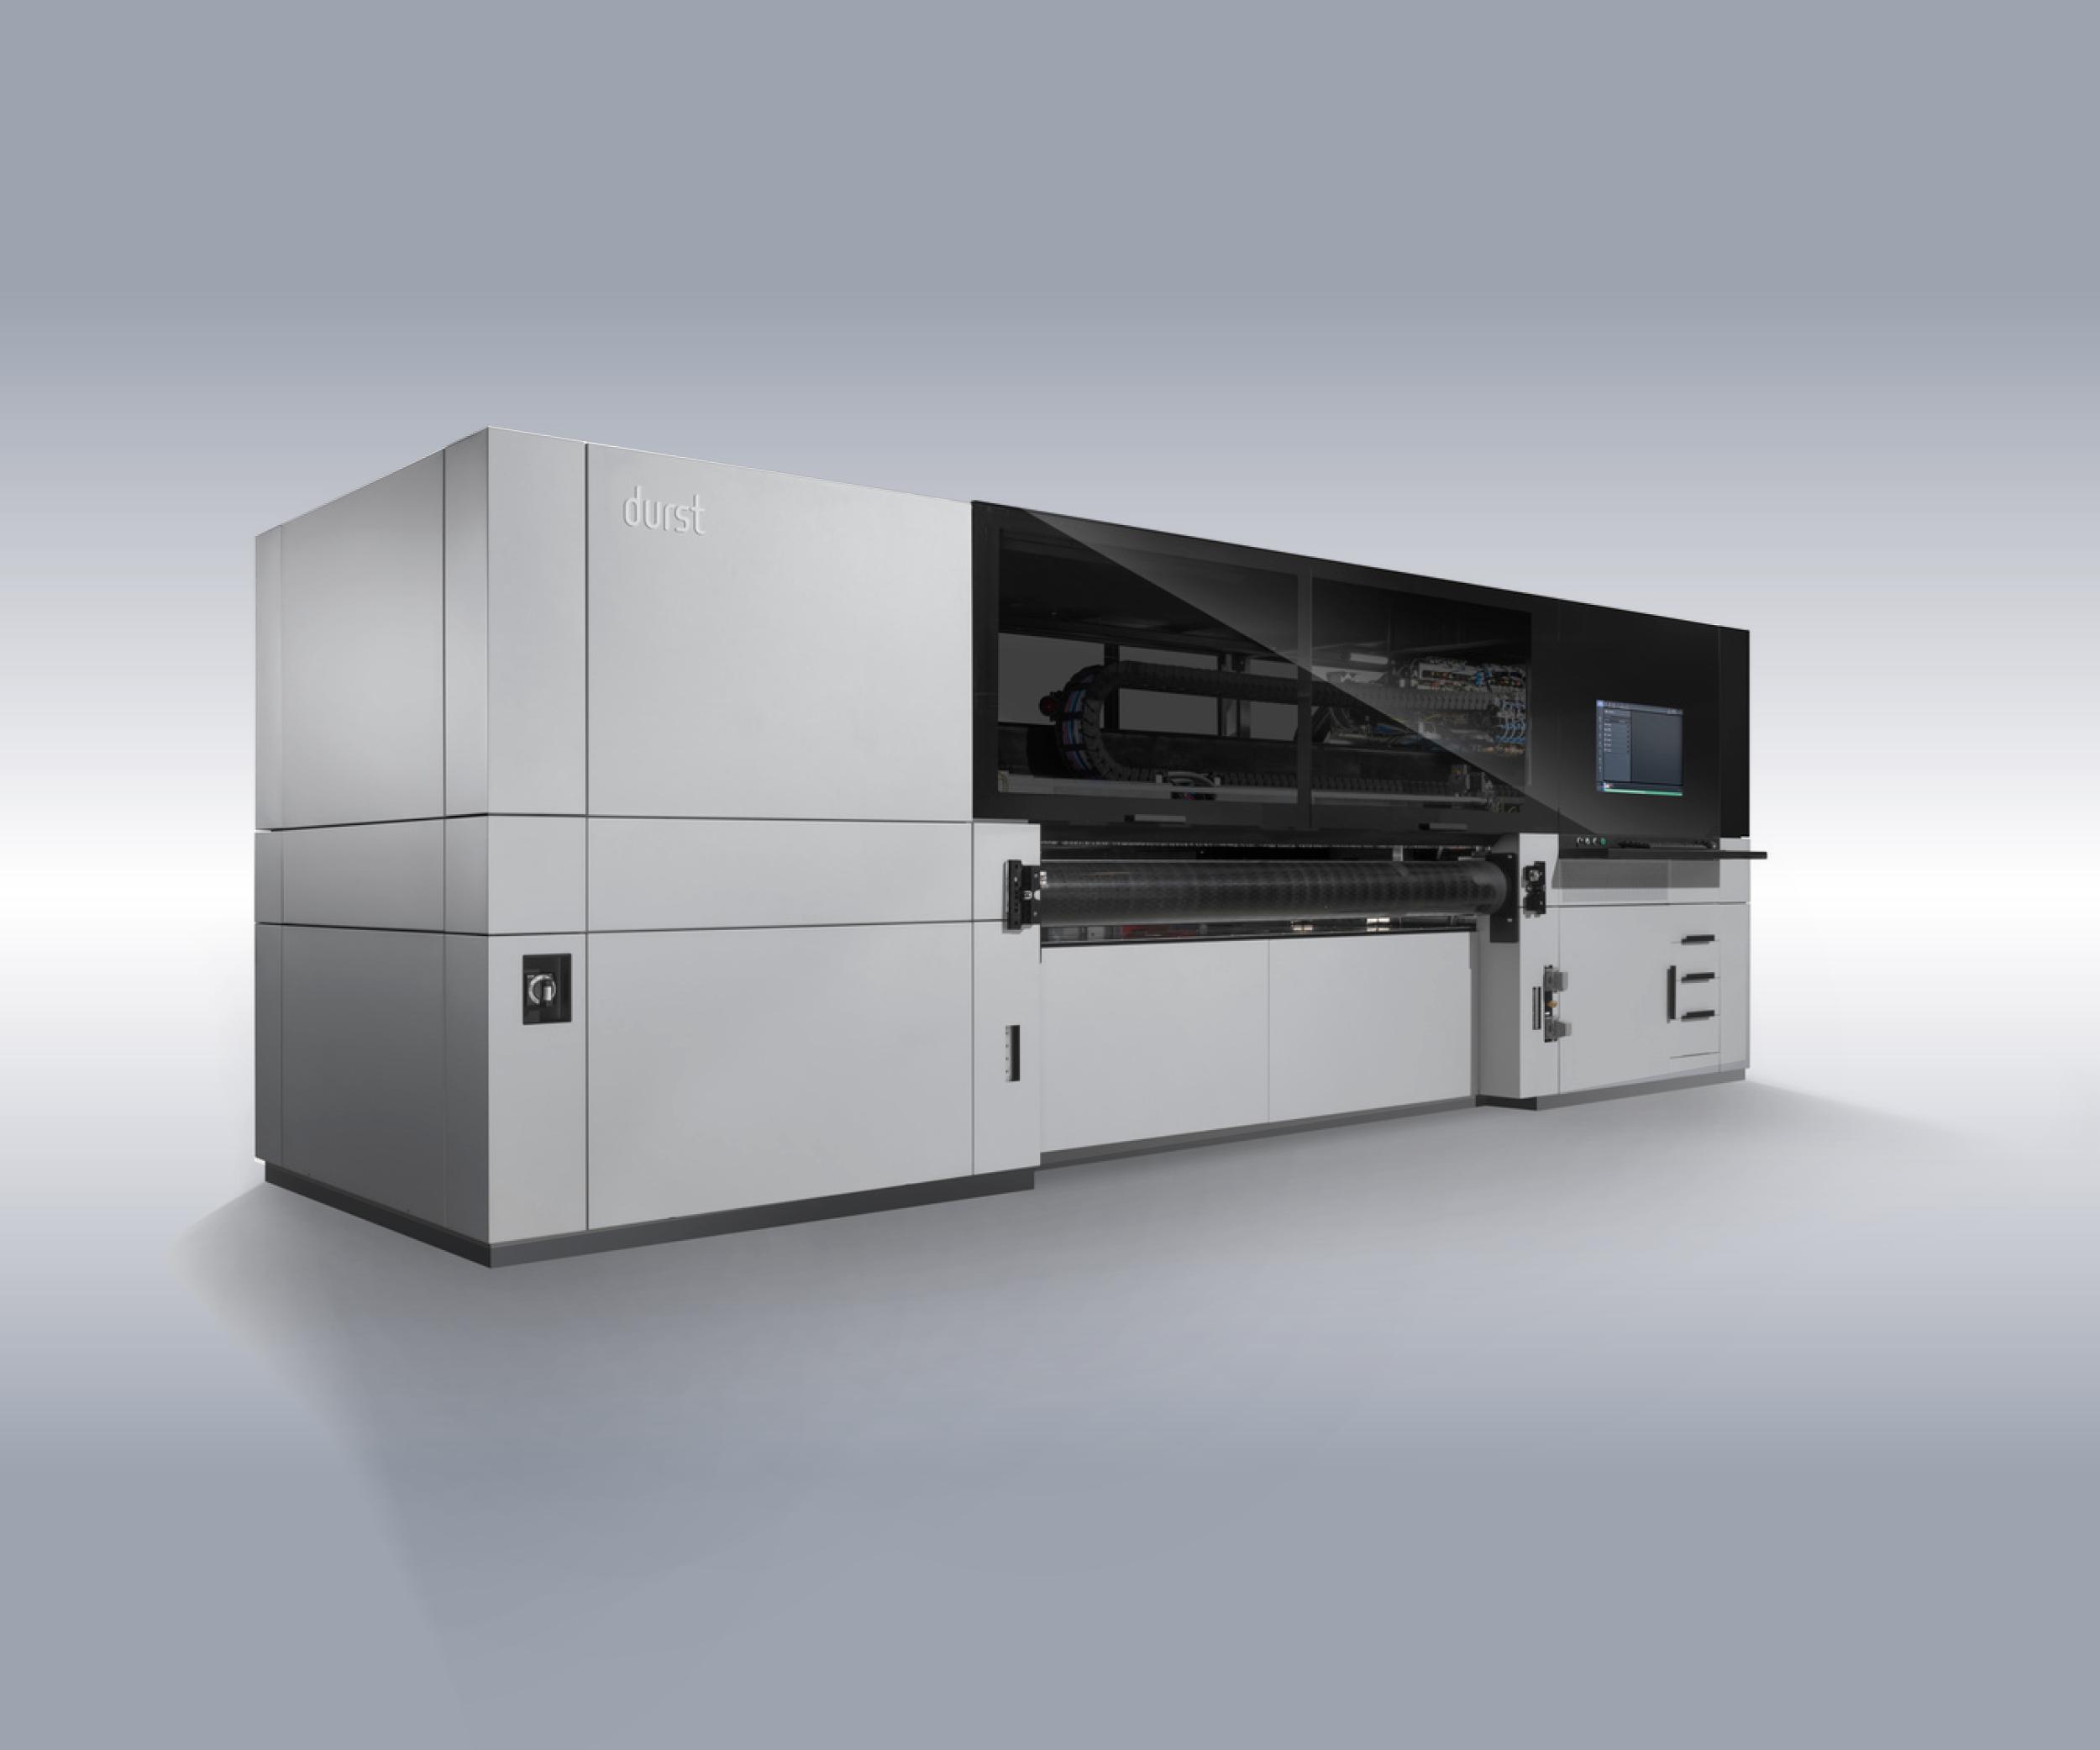 Stampante Durst P5 in Printmateria